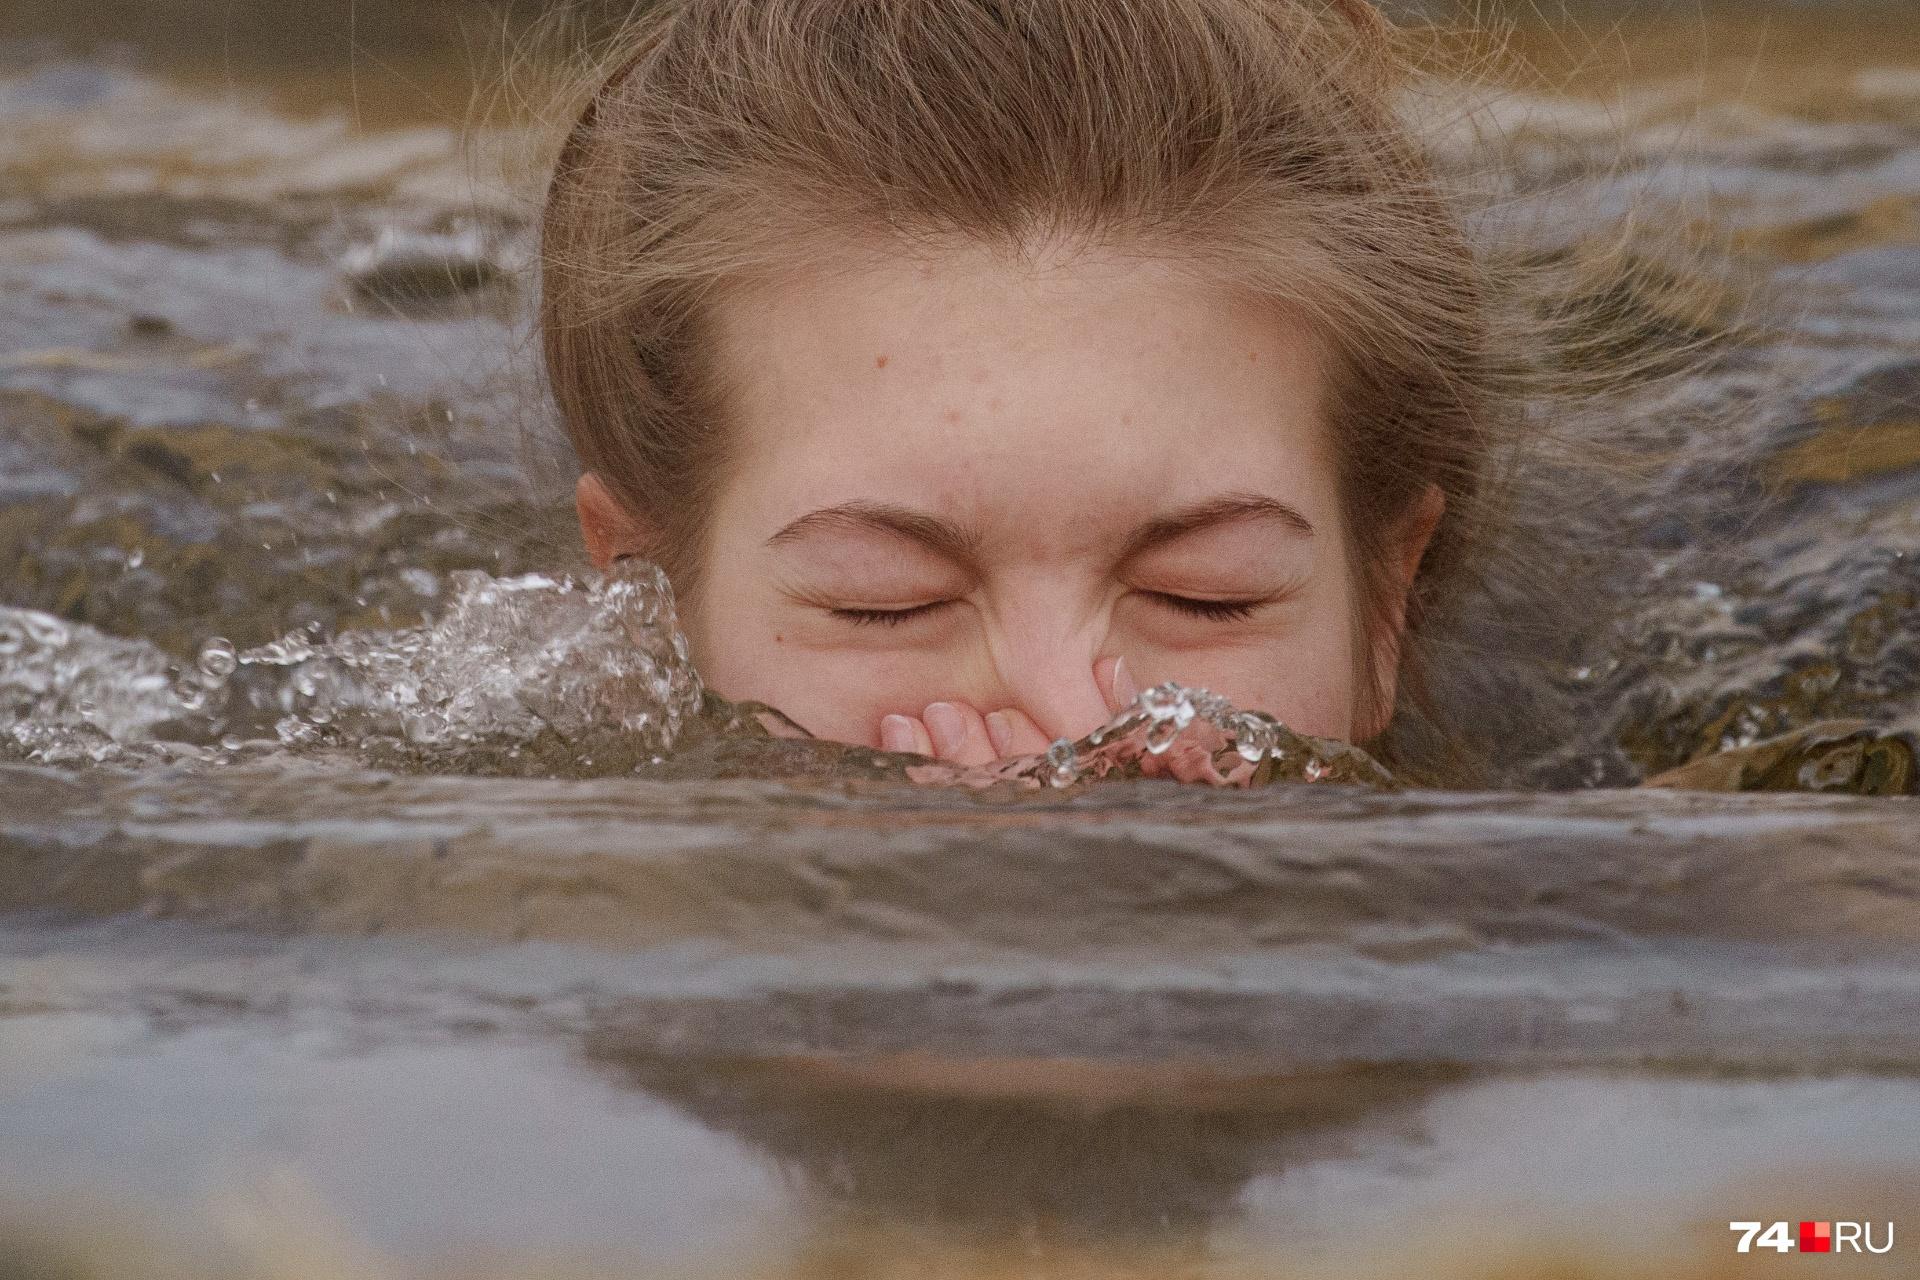 Считается, что погружаться в воду надо трижды, но первый раз — самый пугающий